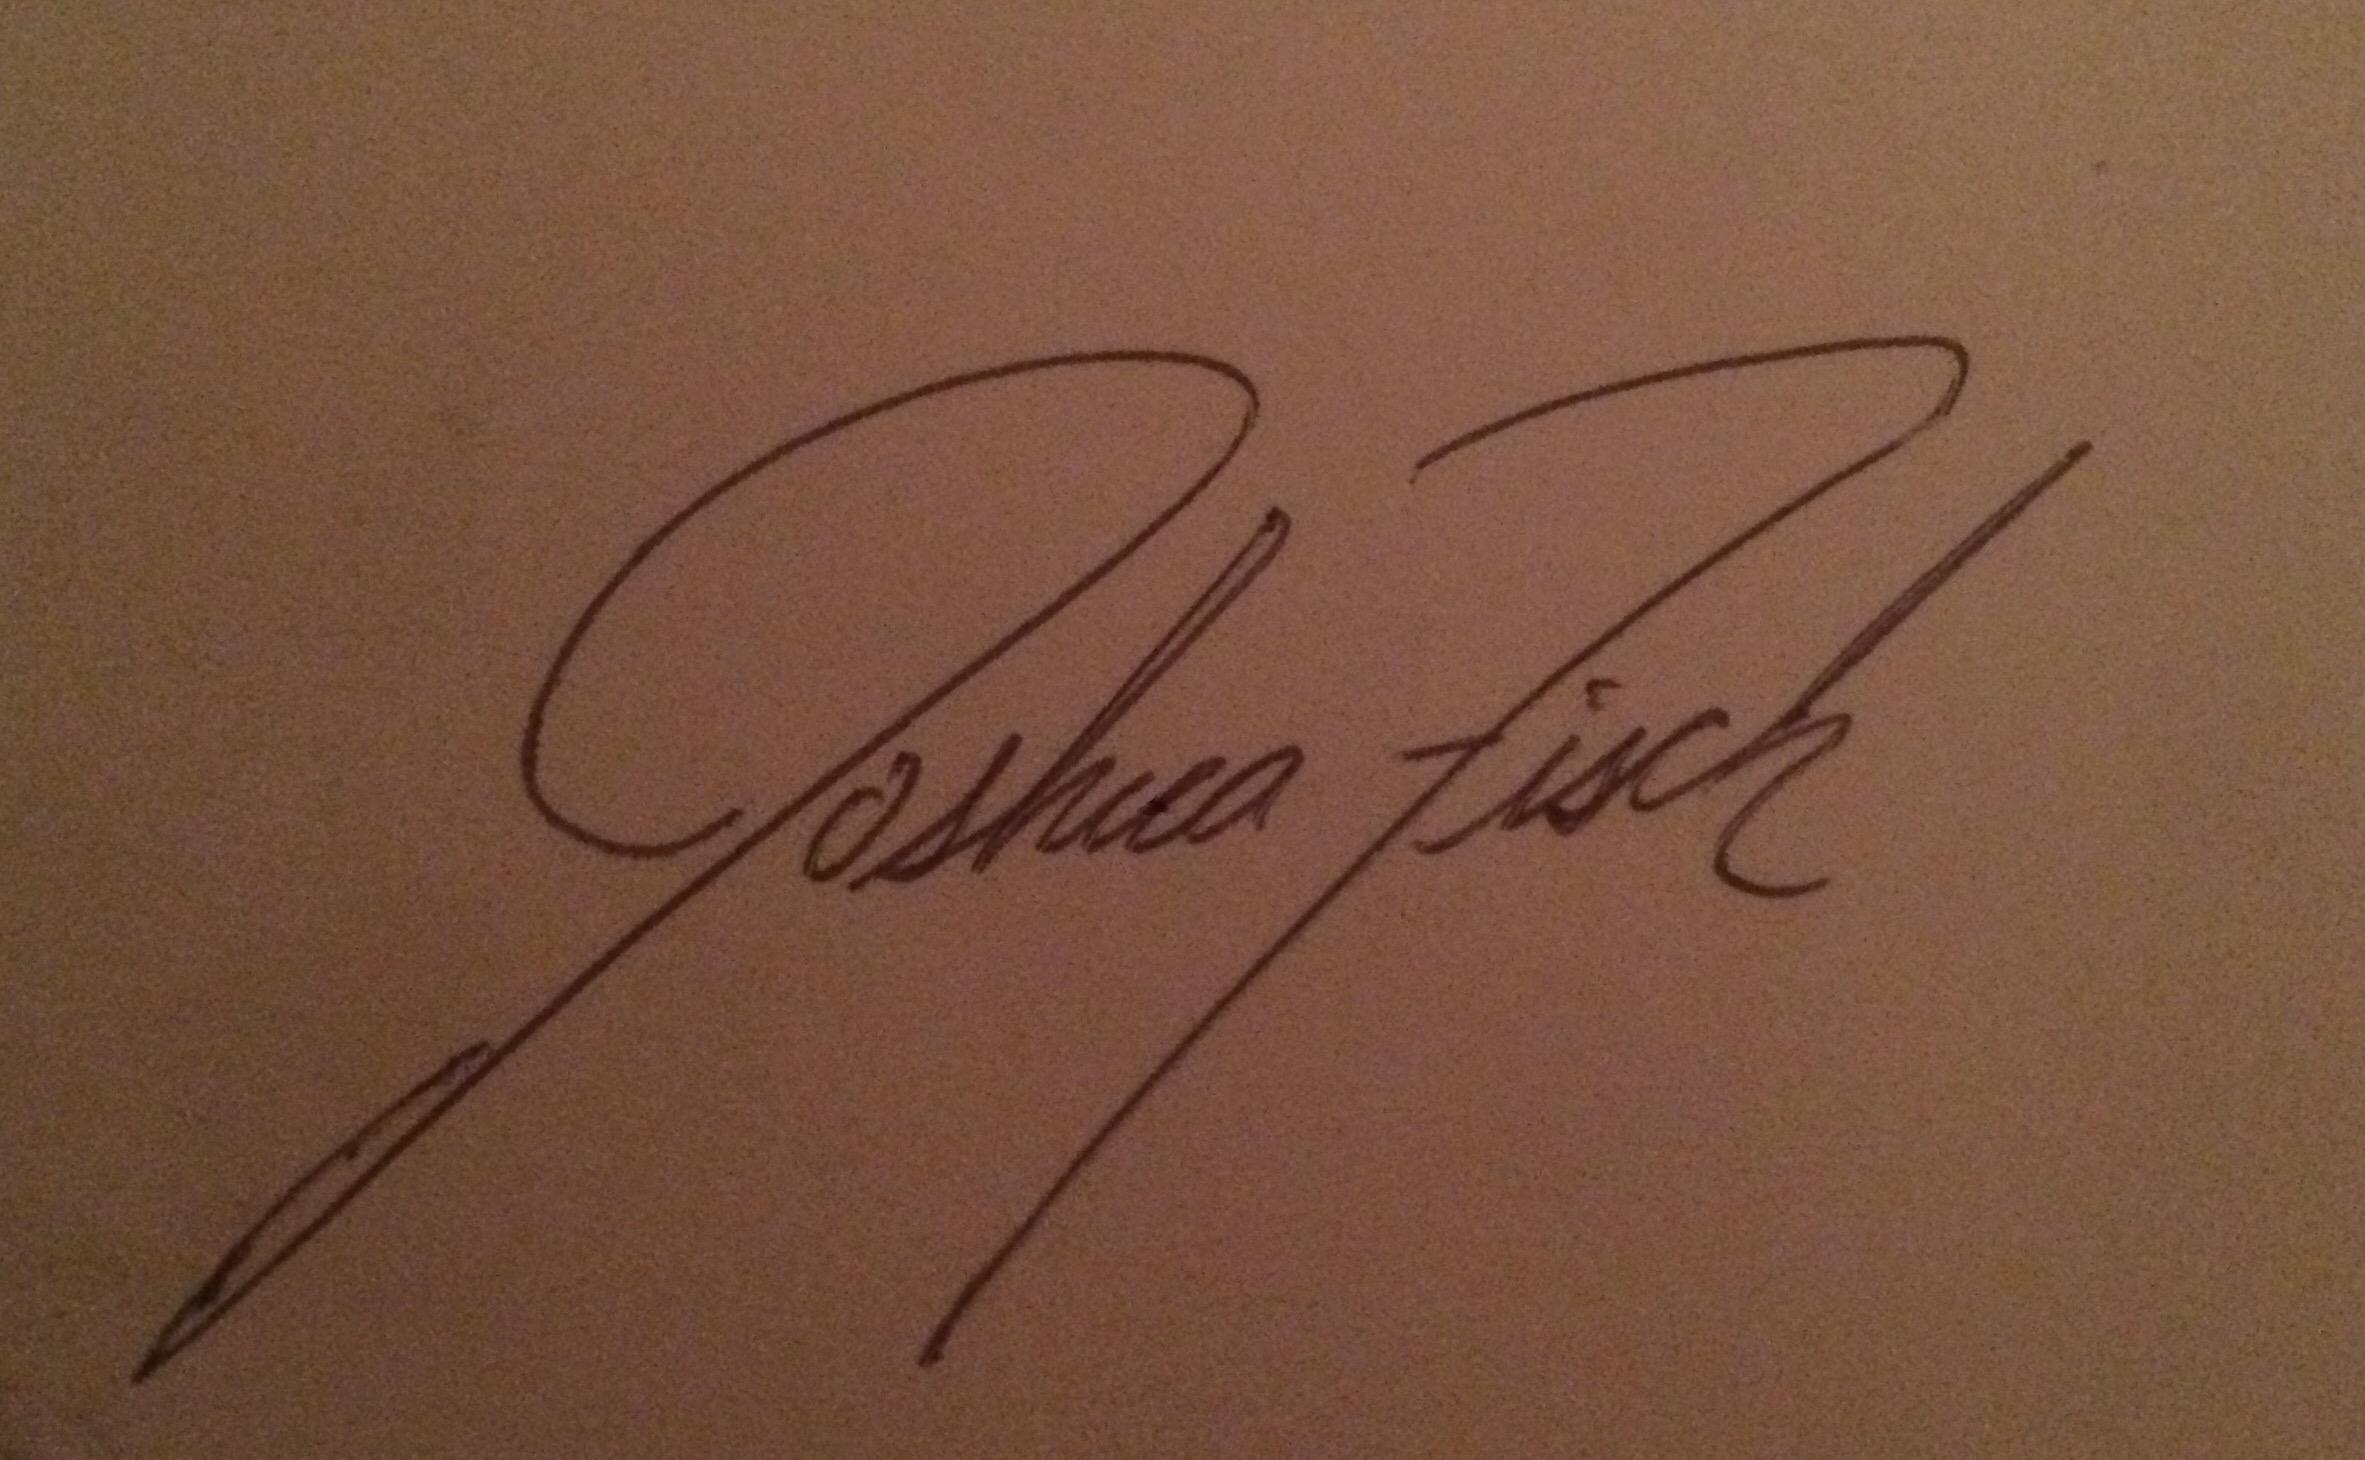 JOshua Fisch Signature